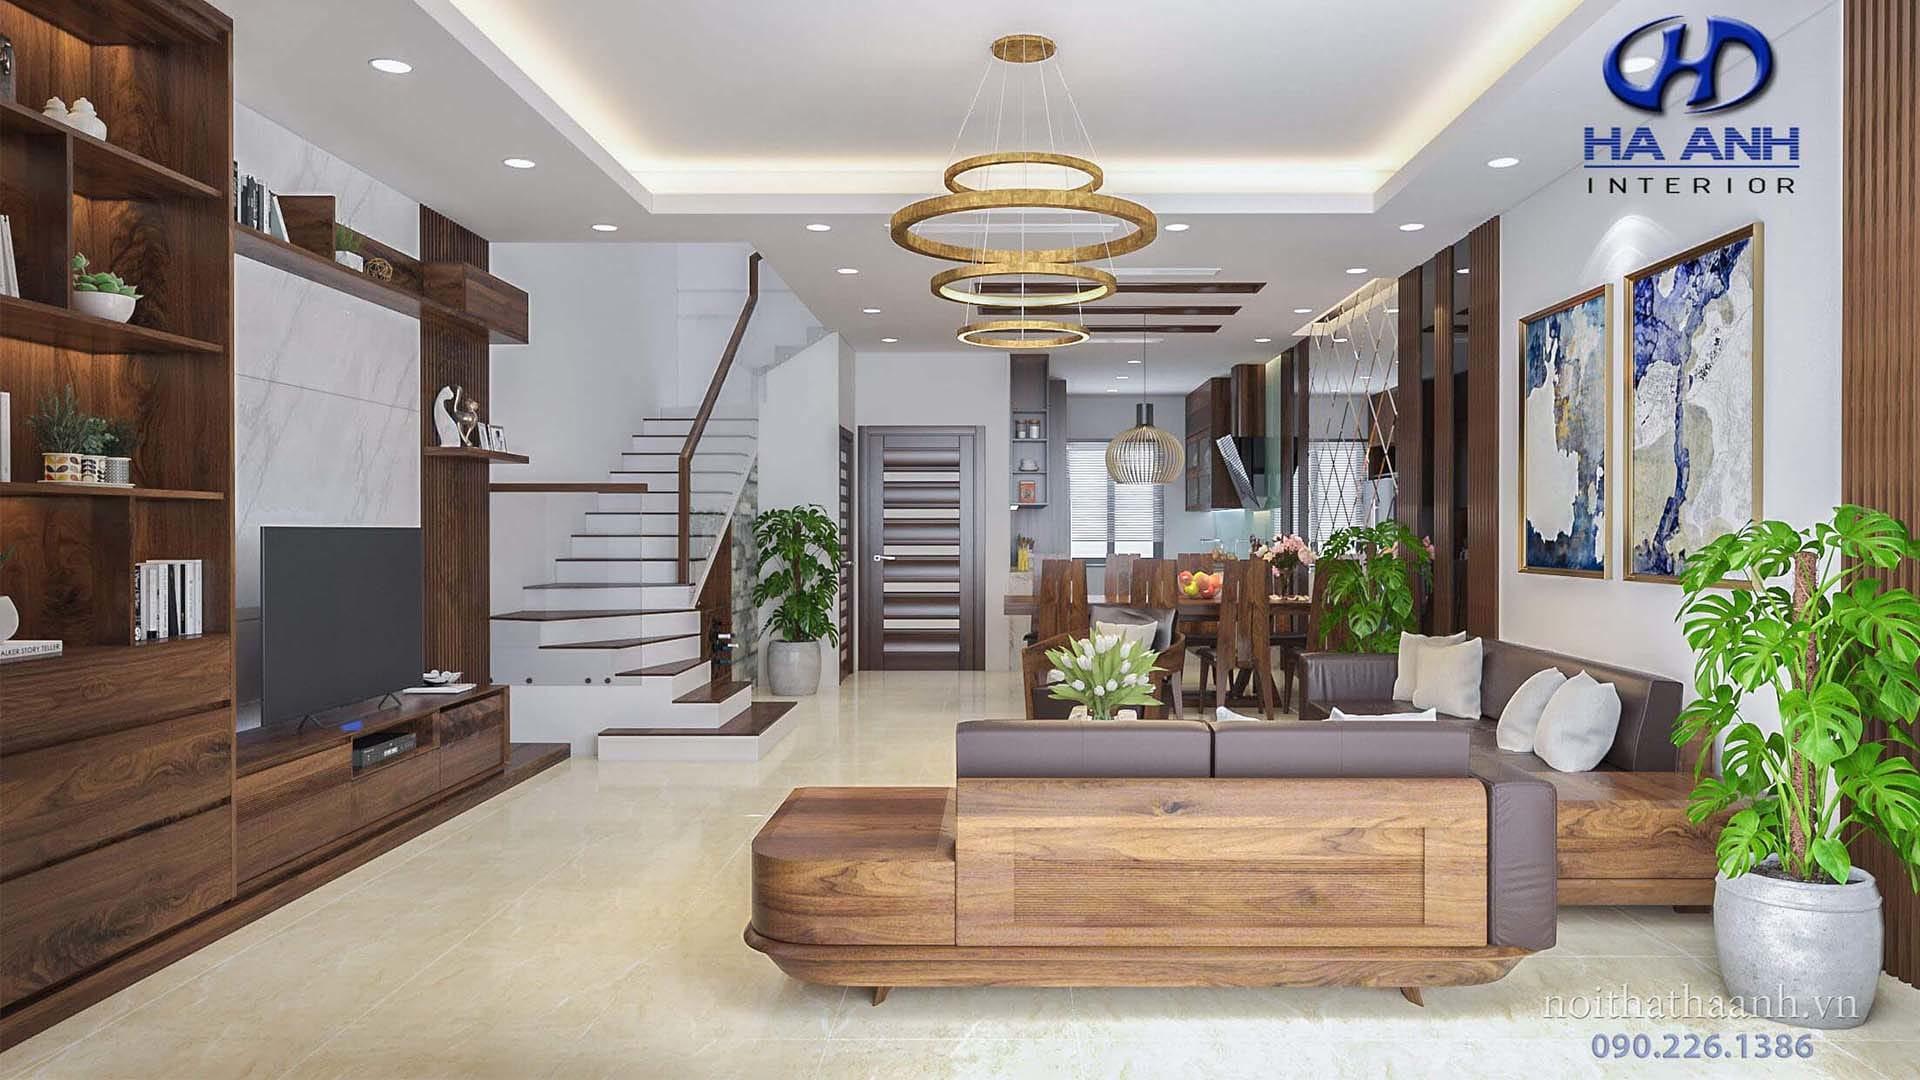 nội thất gỗ óc chó phòng khách đẹp và sang trọng